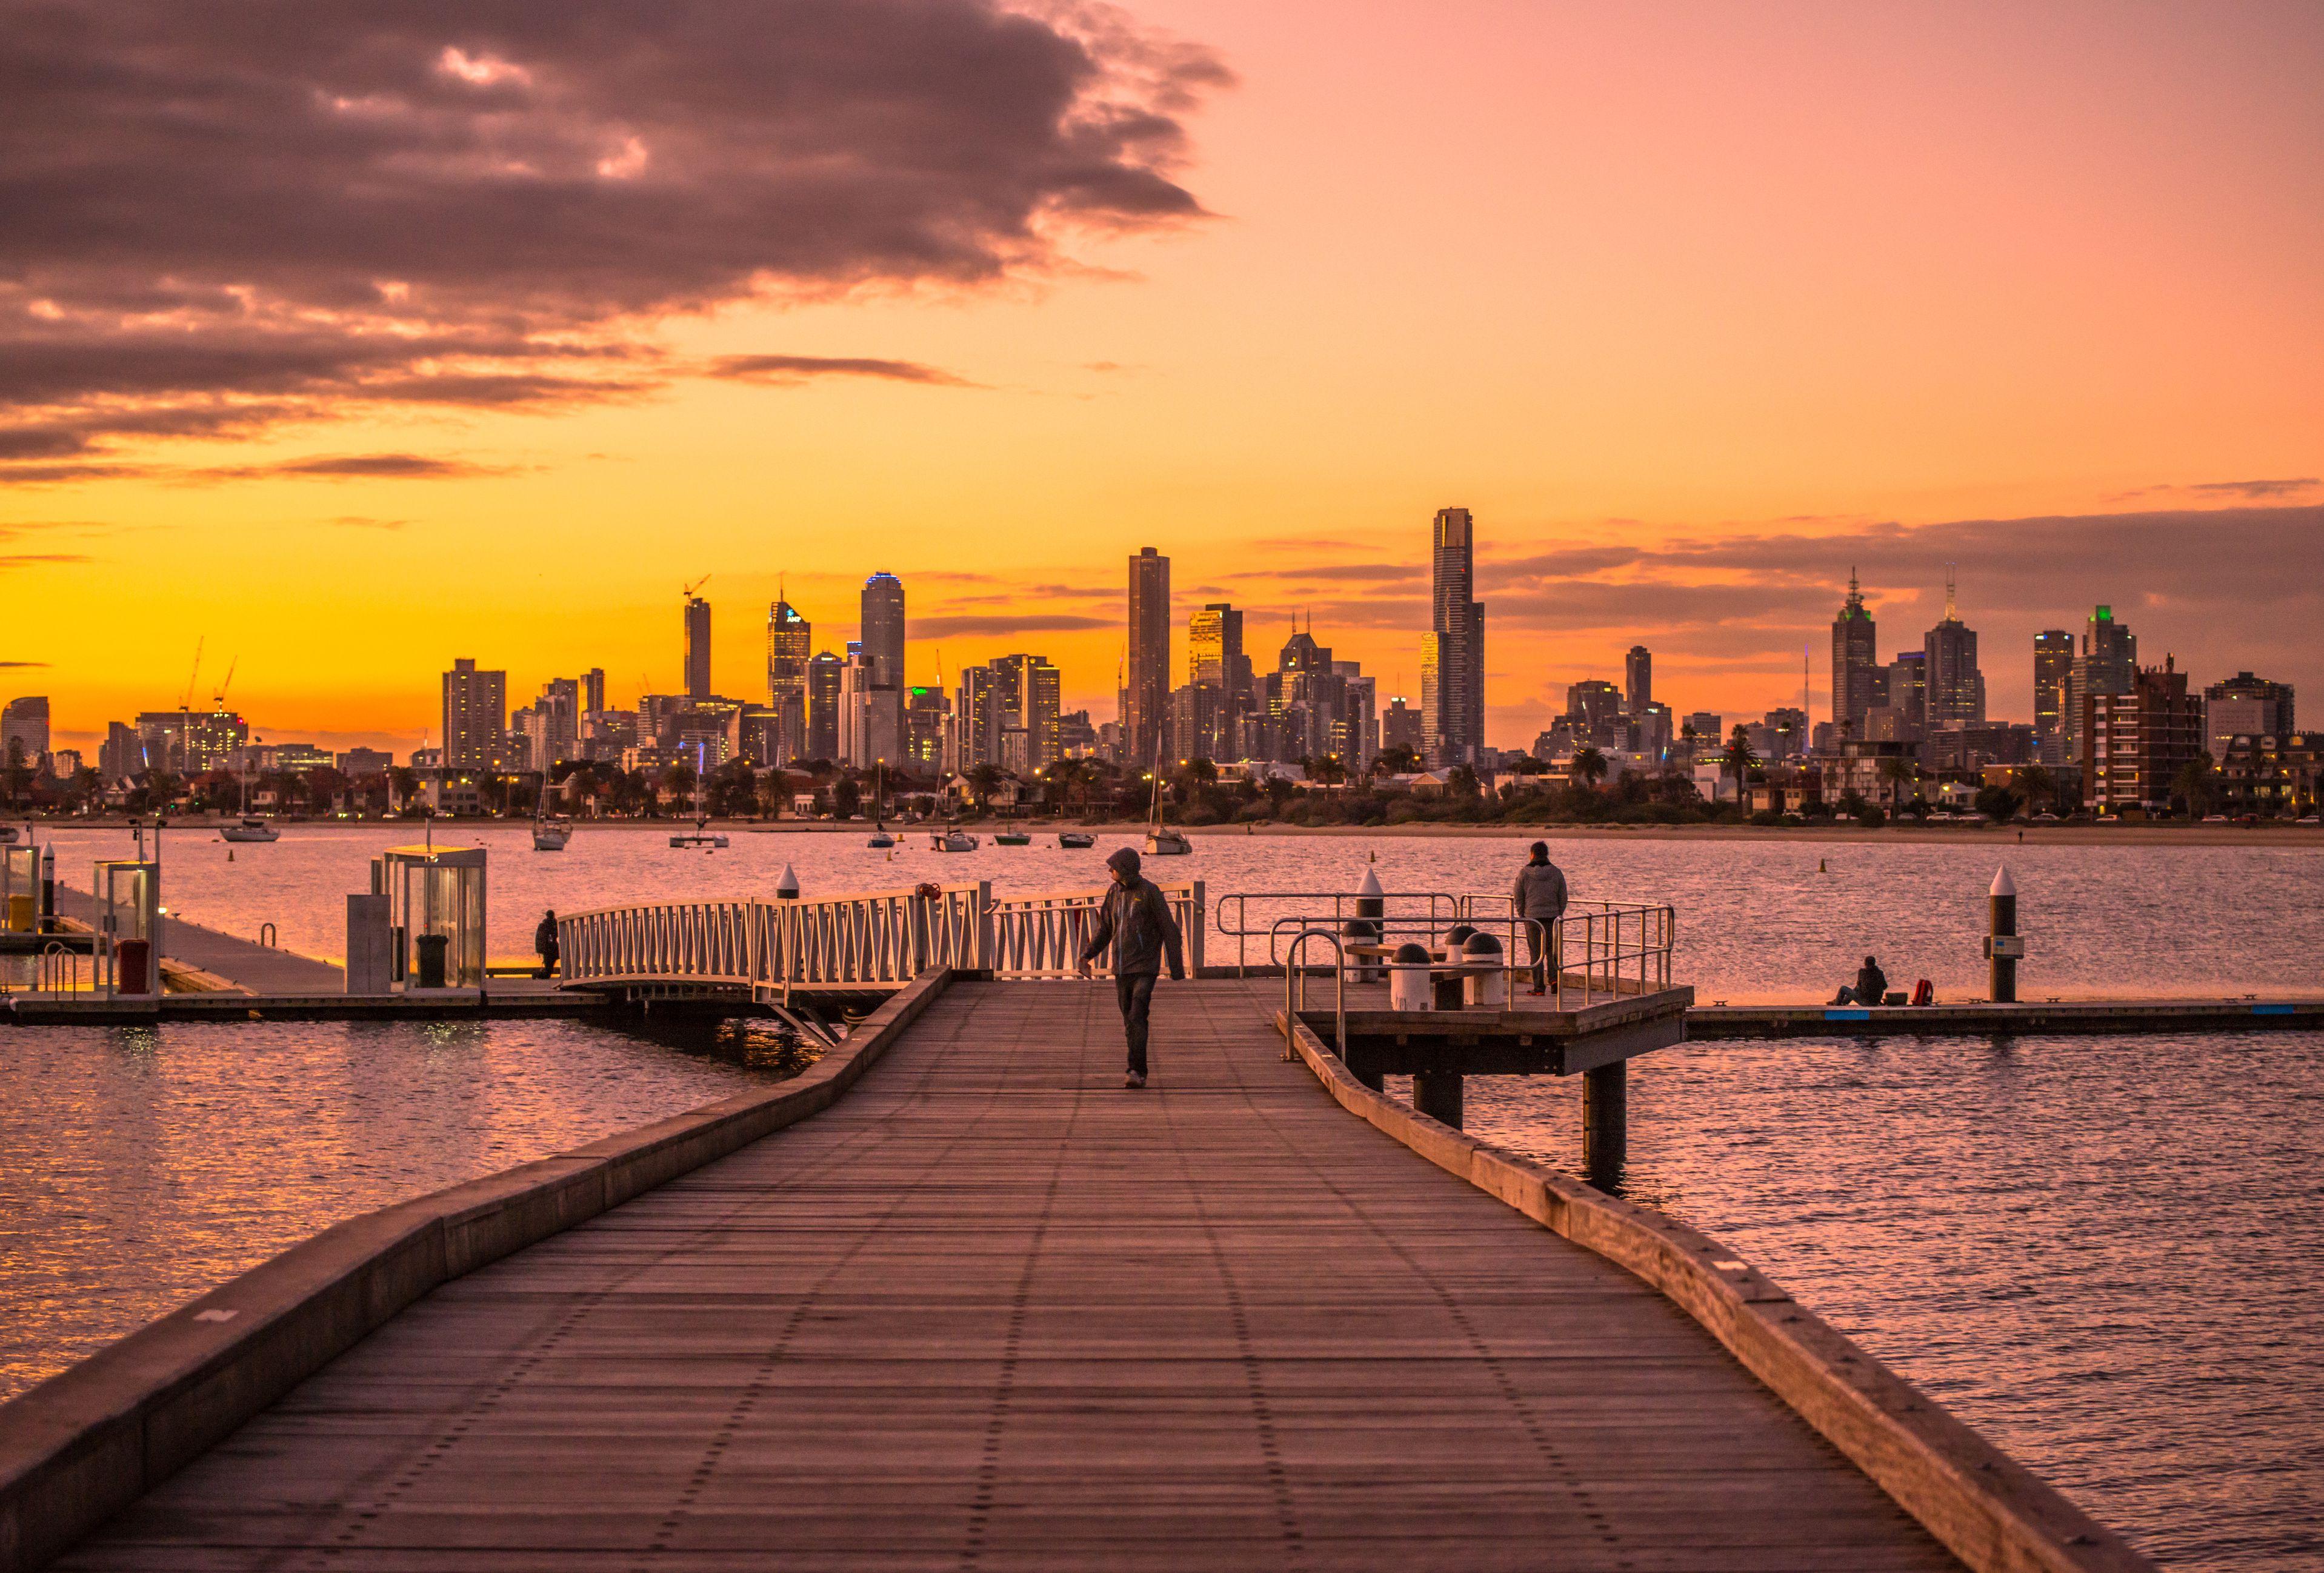 gratis online dating Melbourne Australië